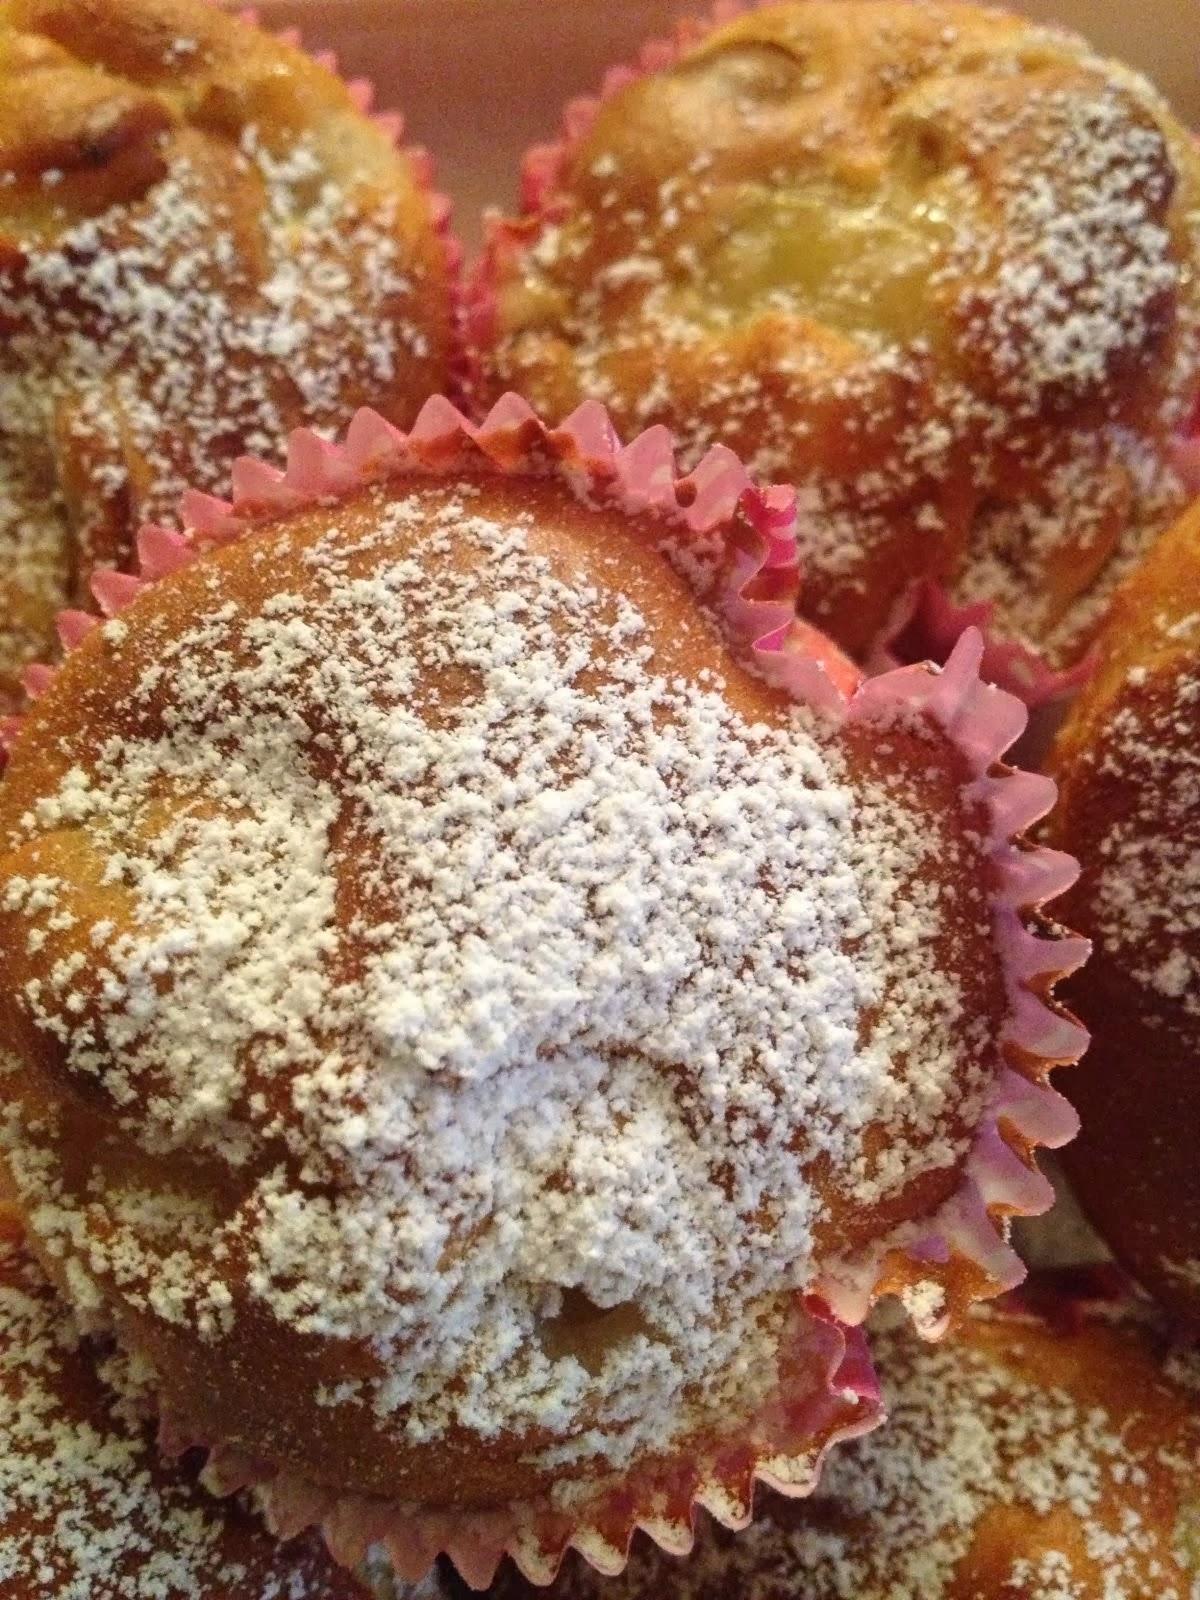 Voglio al ricetta magica per dei cupcakes soffici!